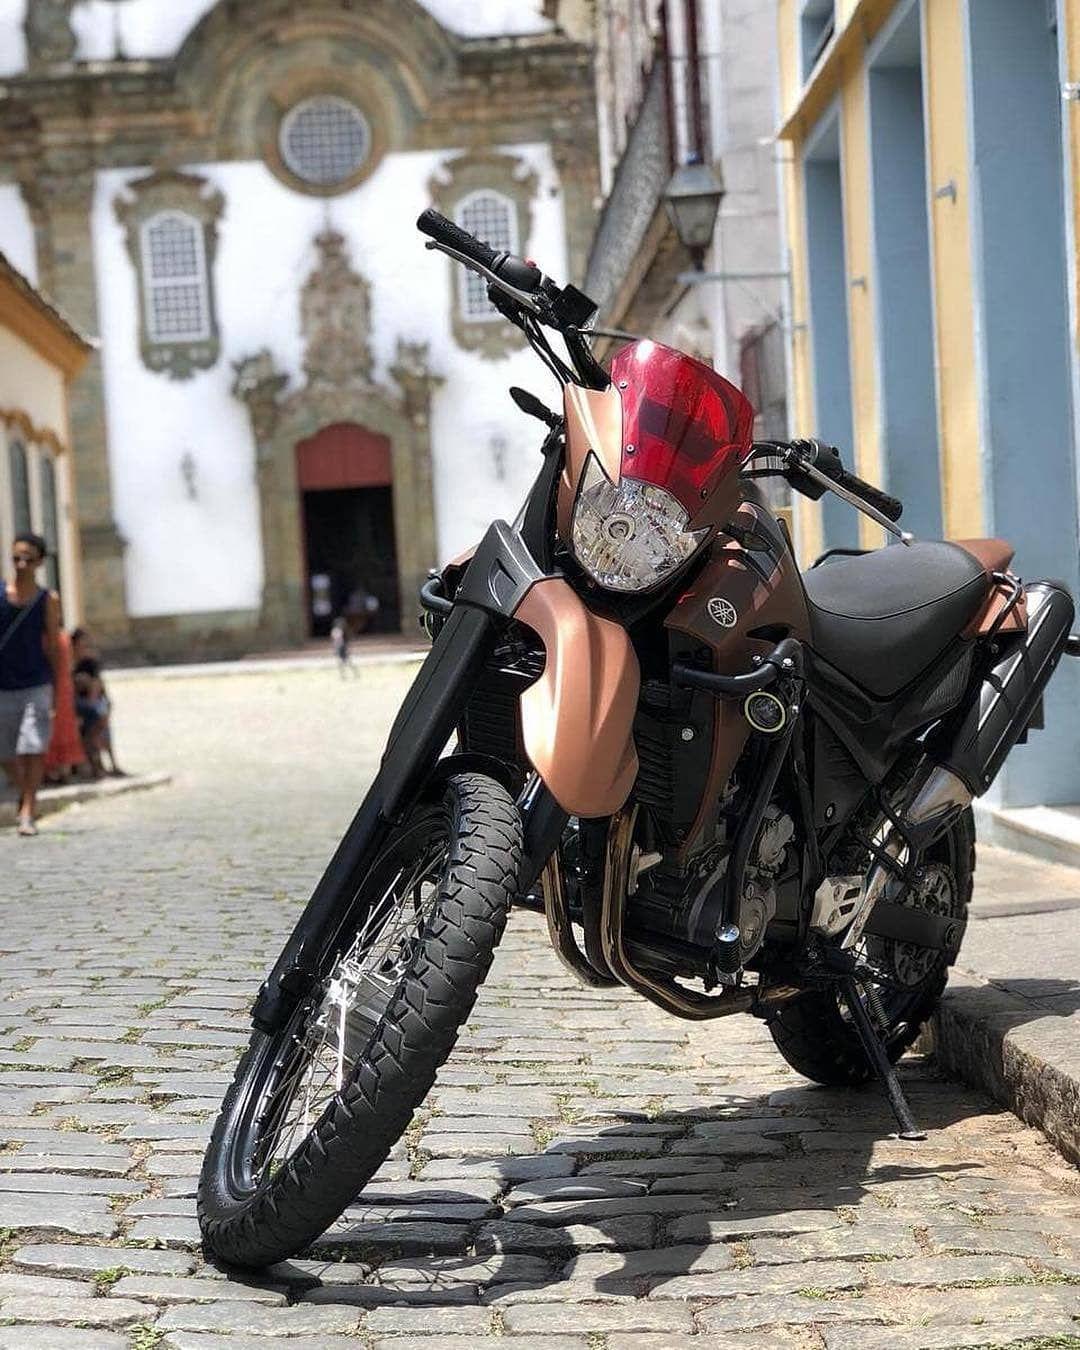 5c24da93a Diferenciada 🚀 | Xt 660 | Carros fixa, Motos esportivas und Xt 660